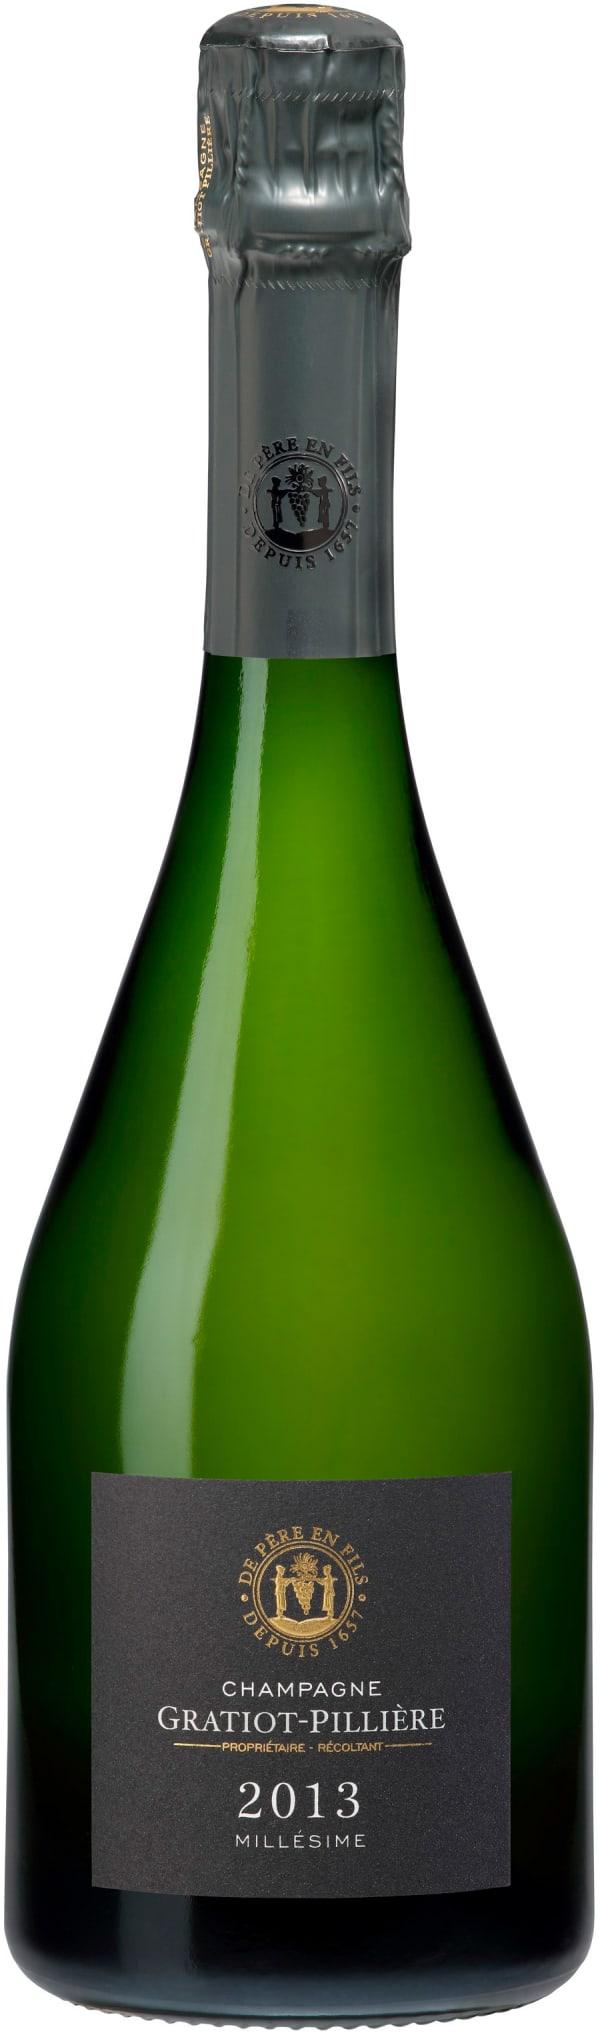 Gratiot Pillière Millésime Champagne Brut 2010